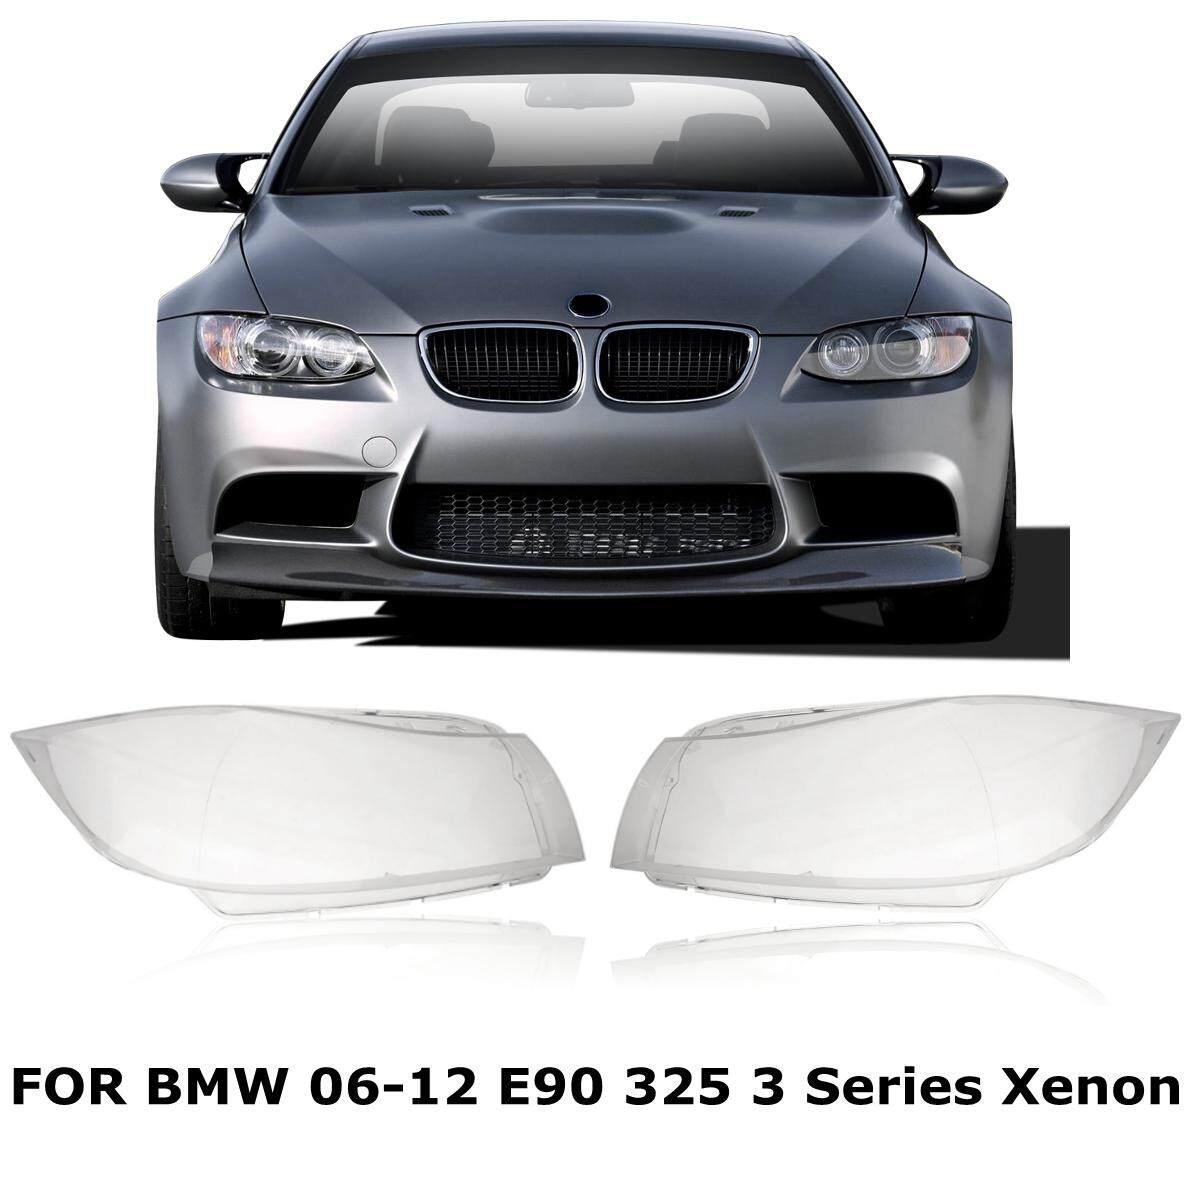 Sepasang Kiri + Kanan Lampu Lensa Lampu Kepala Mencakup BMW 3 Series E90 2006-2012-Intl